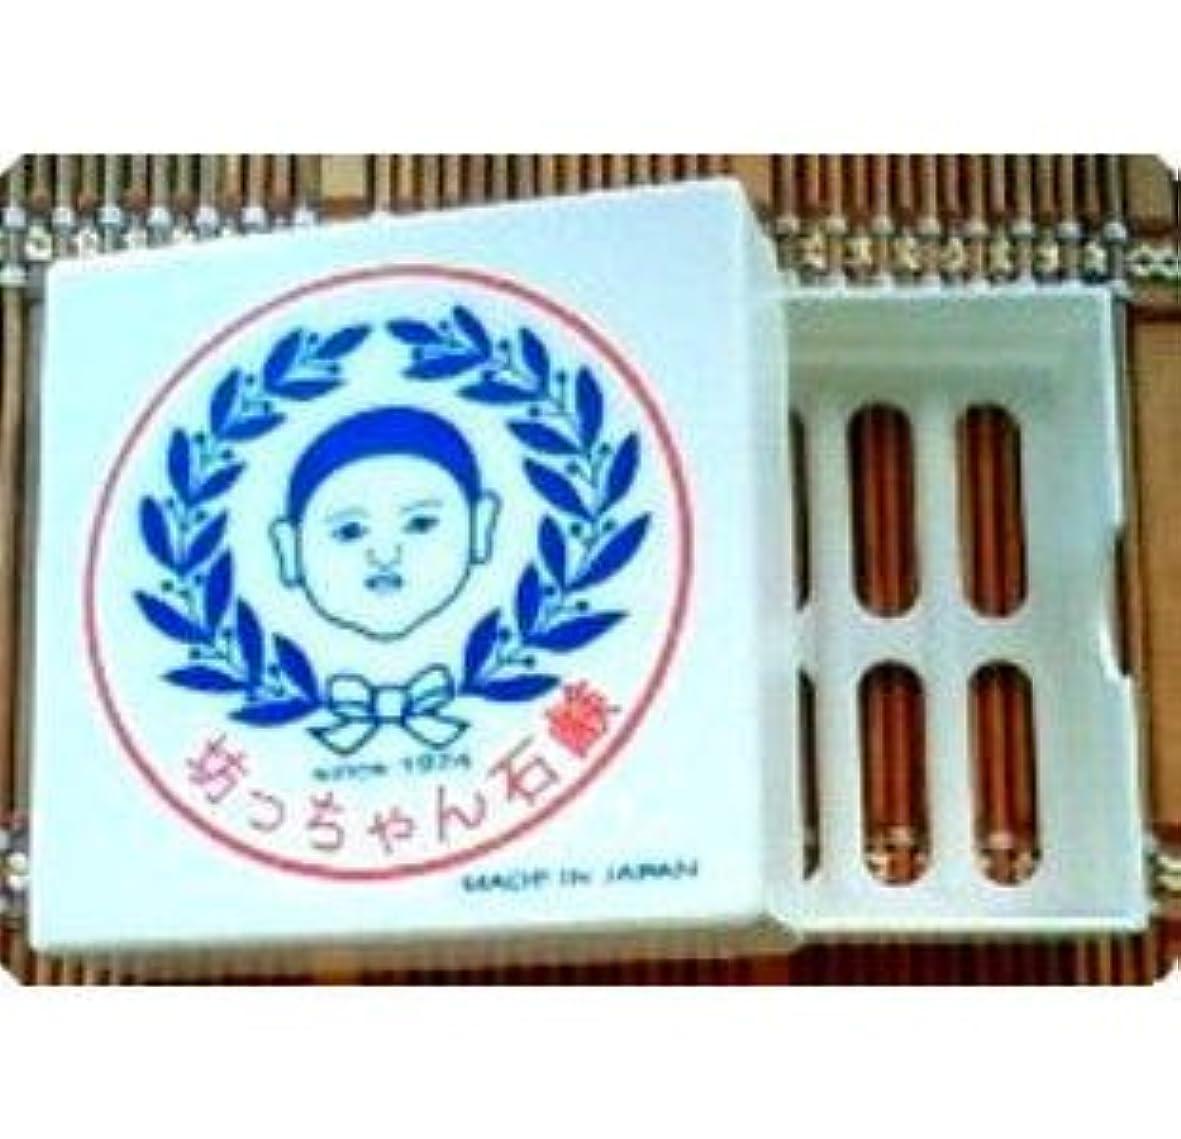 きらめき知覚できる初期の坊っちゃん石鹸用ケース(石鹸入れ)